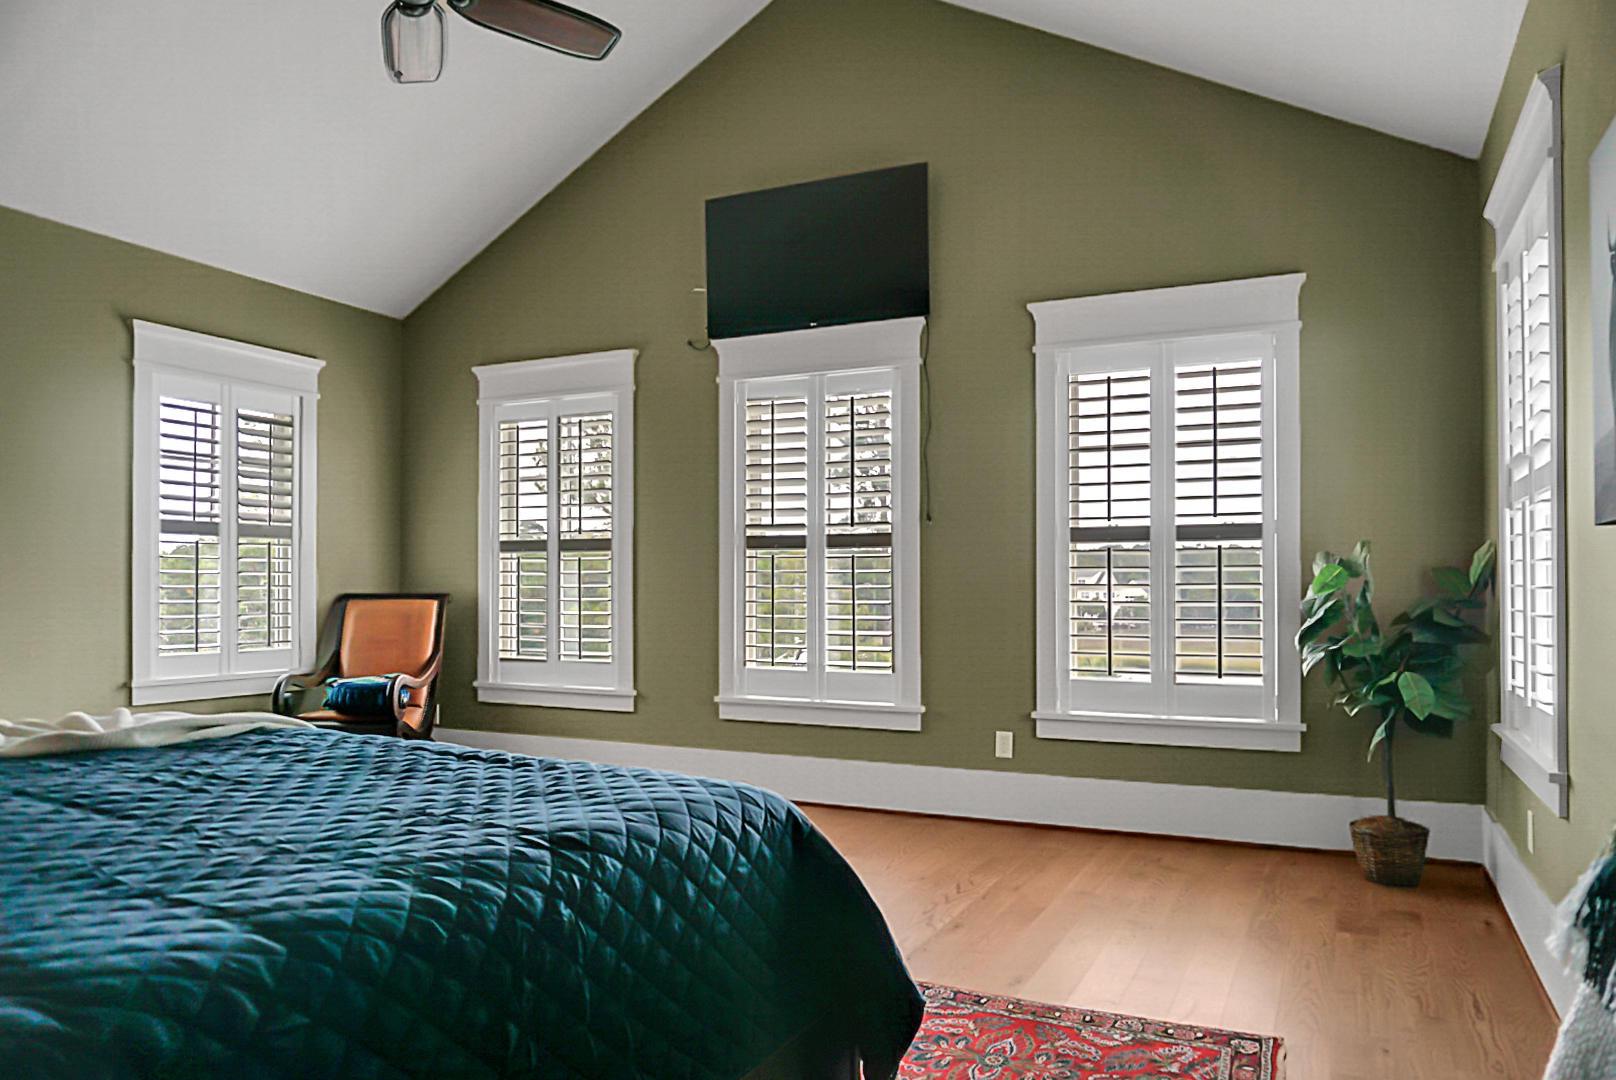 Dunes West Homes For Sale - 2978 River Vista, Mount Pleasant, SC - 5